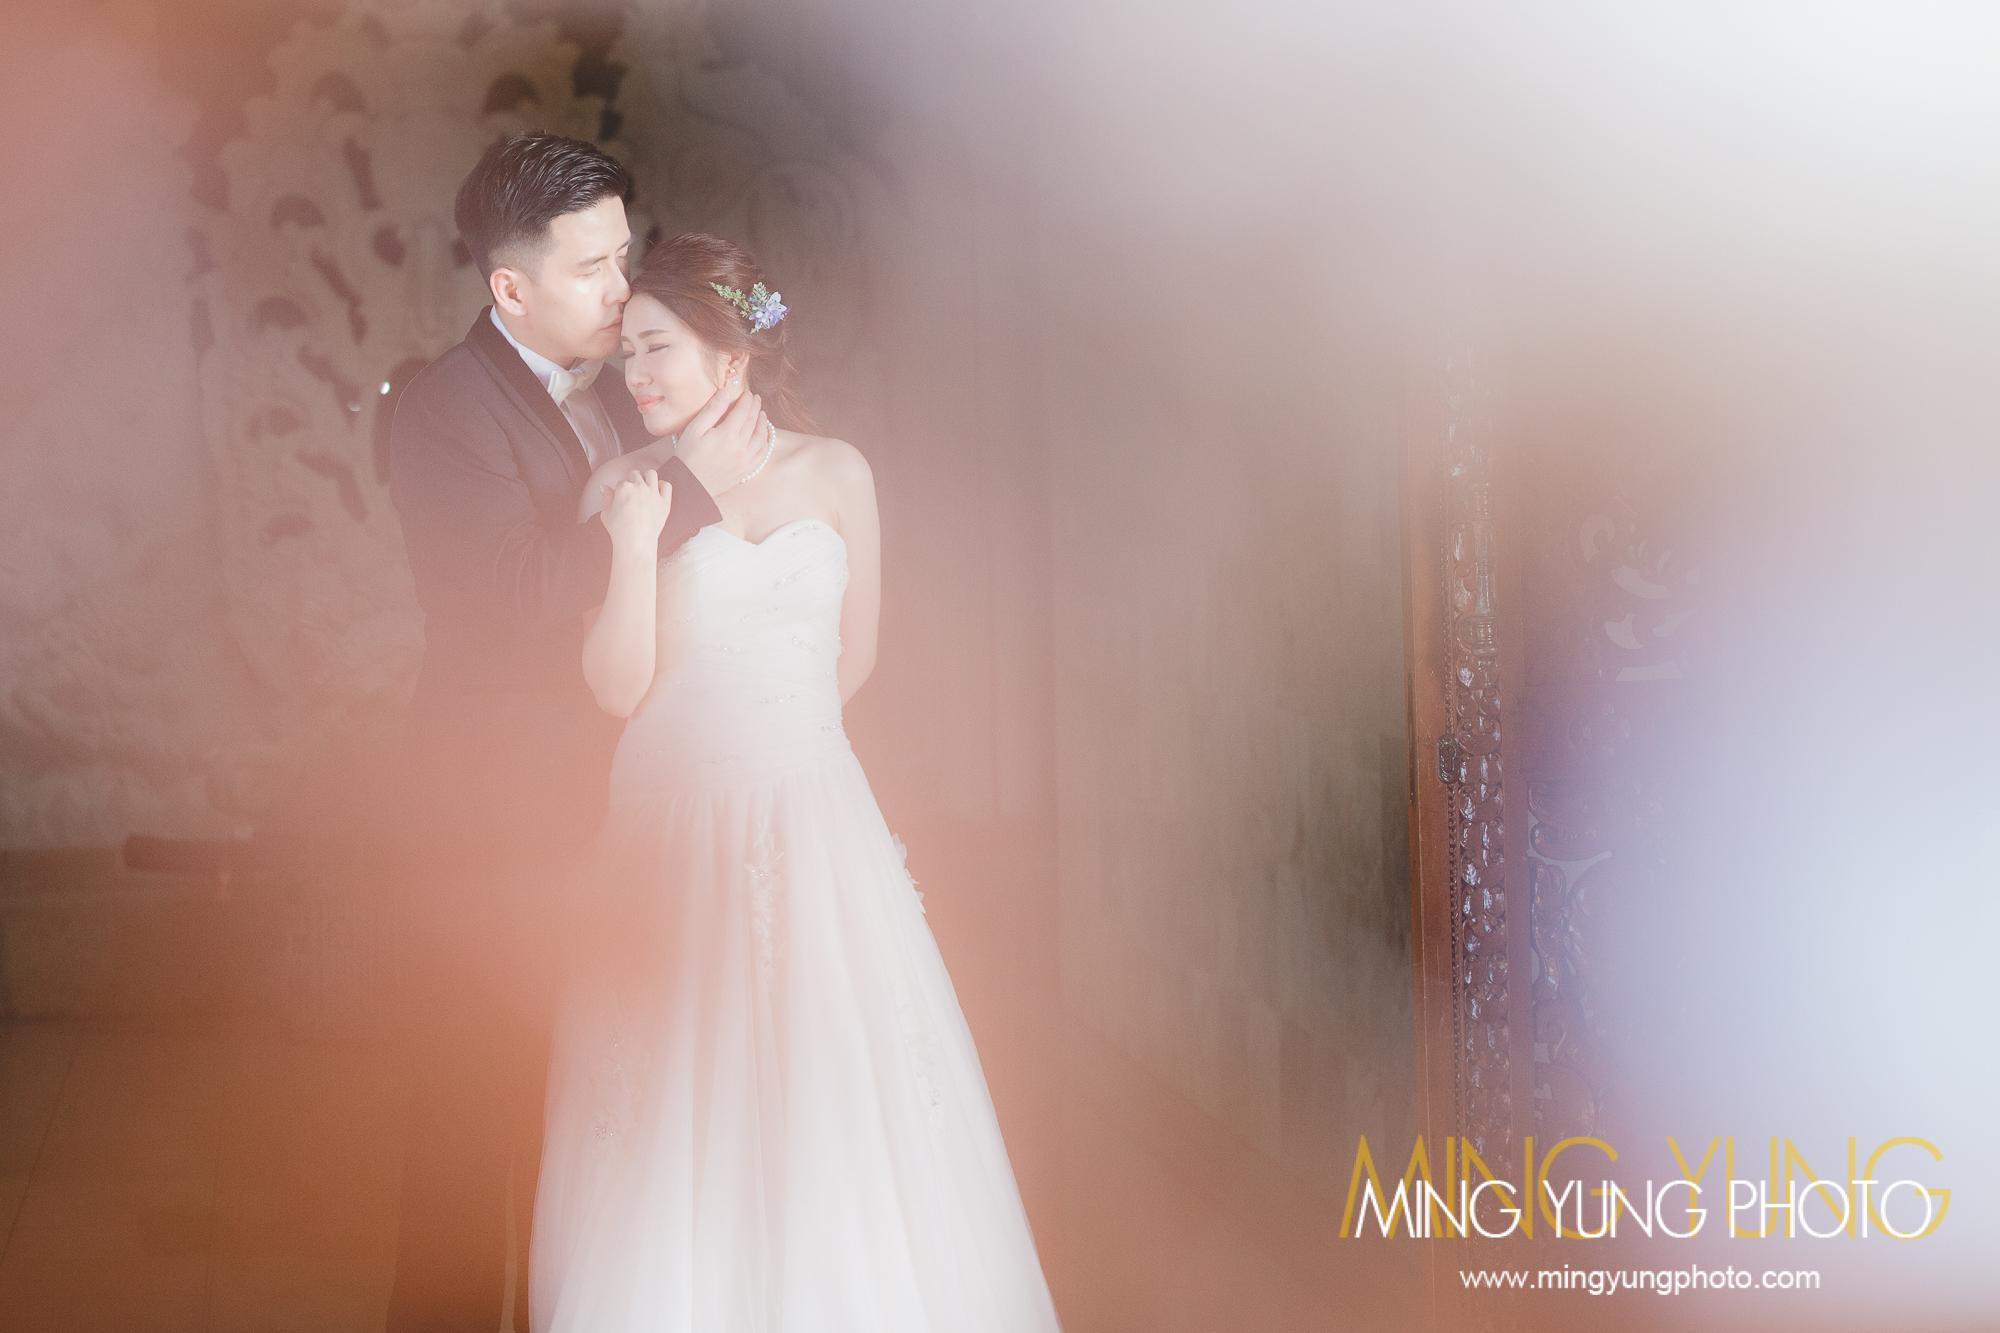 mingyungphoto-20160519-0017